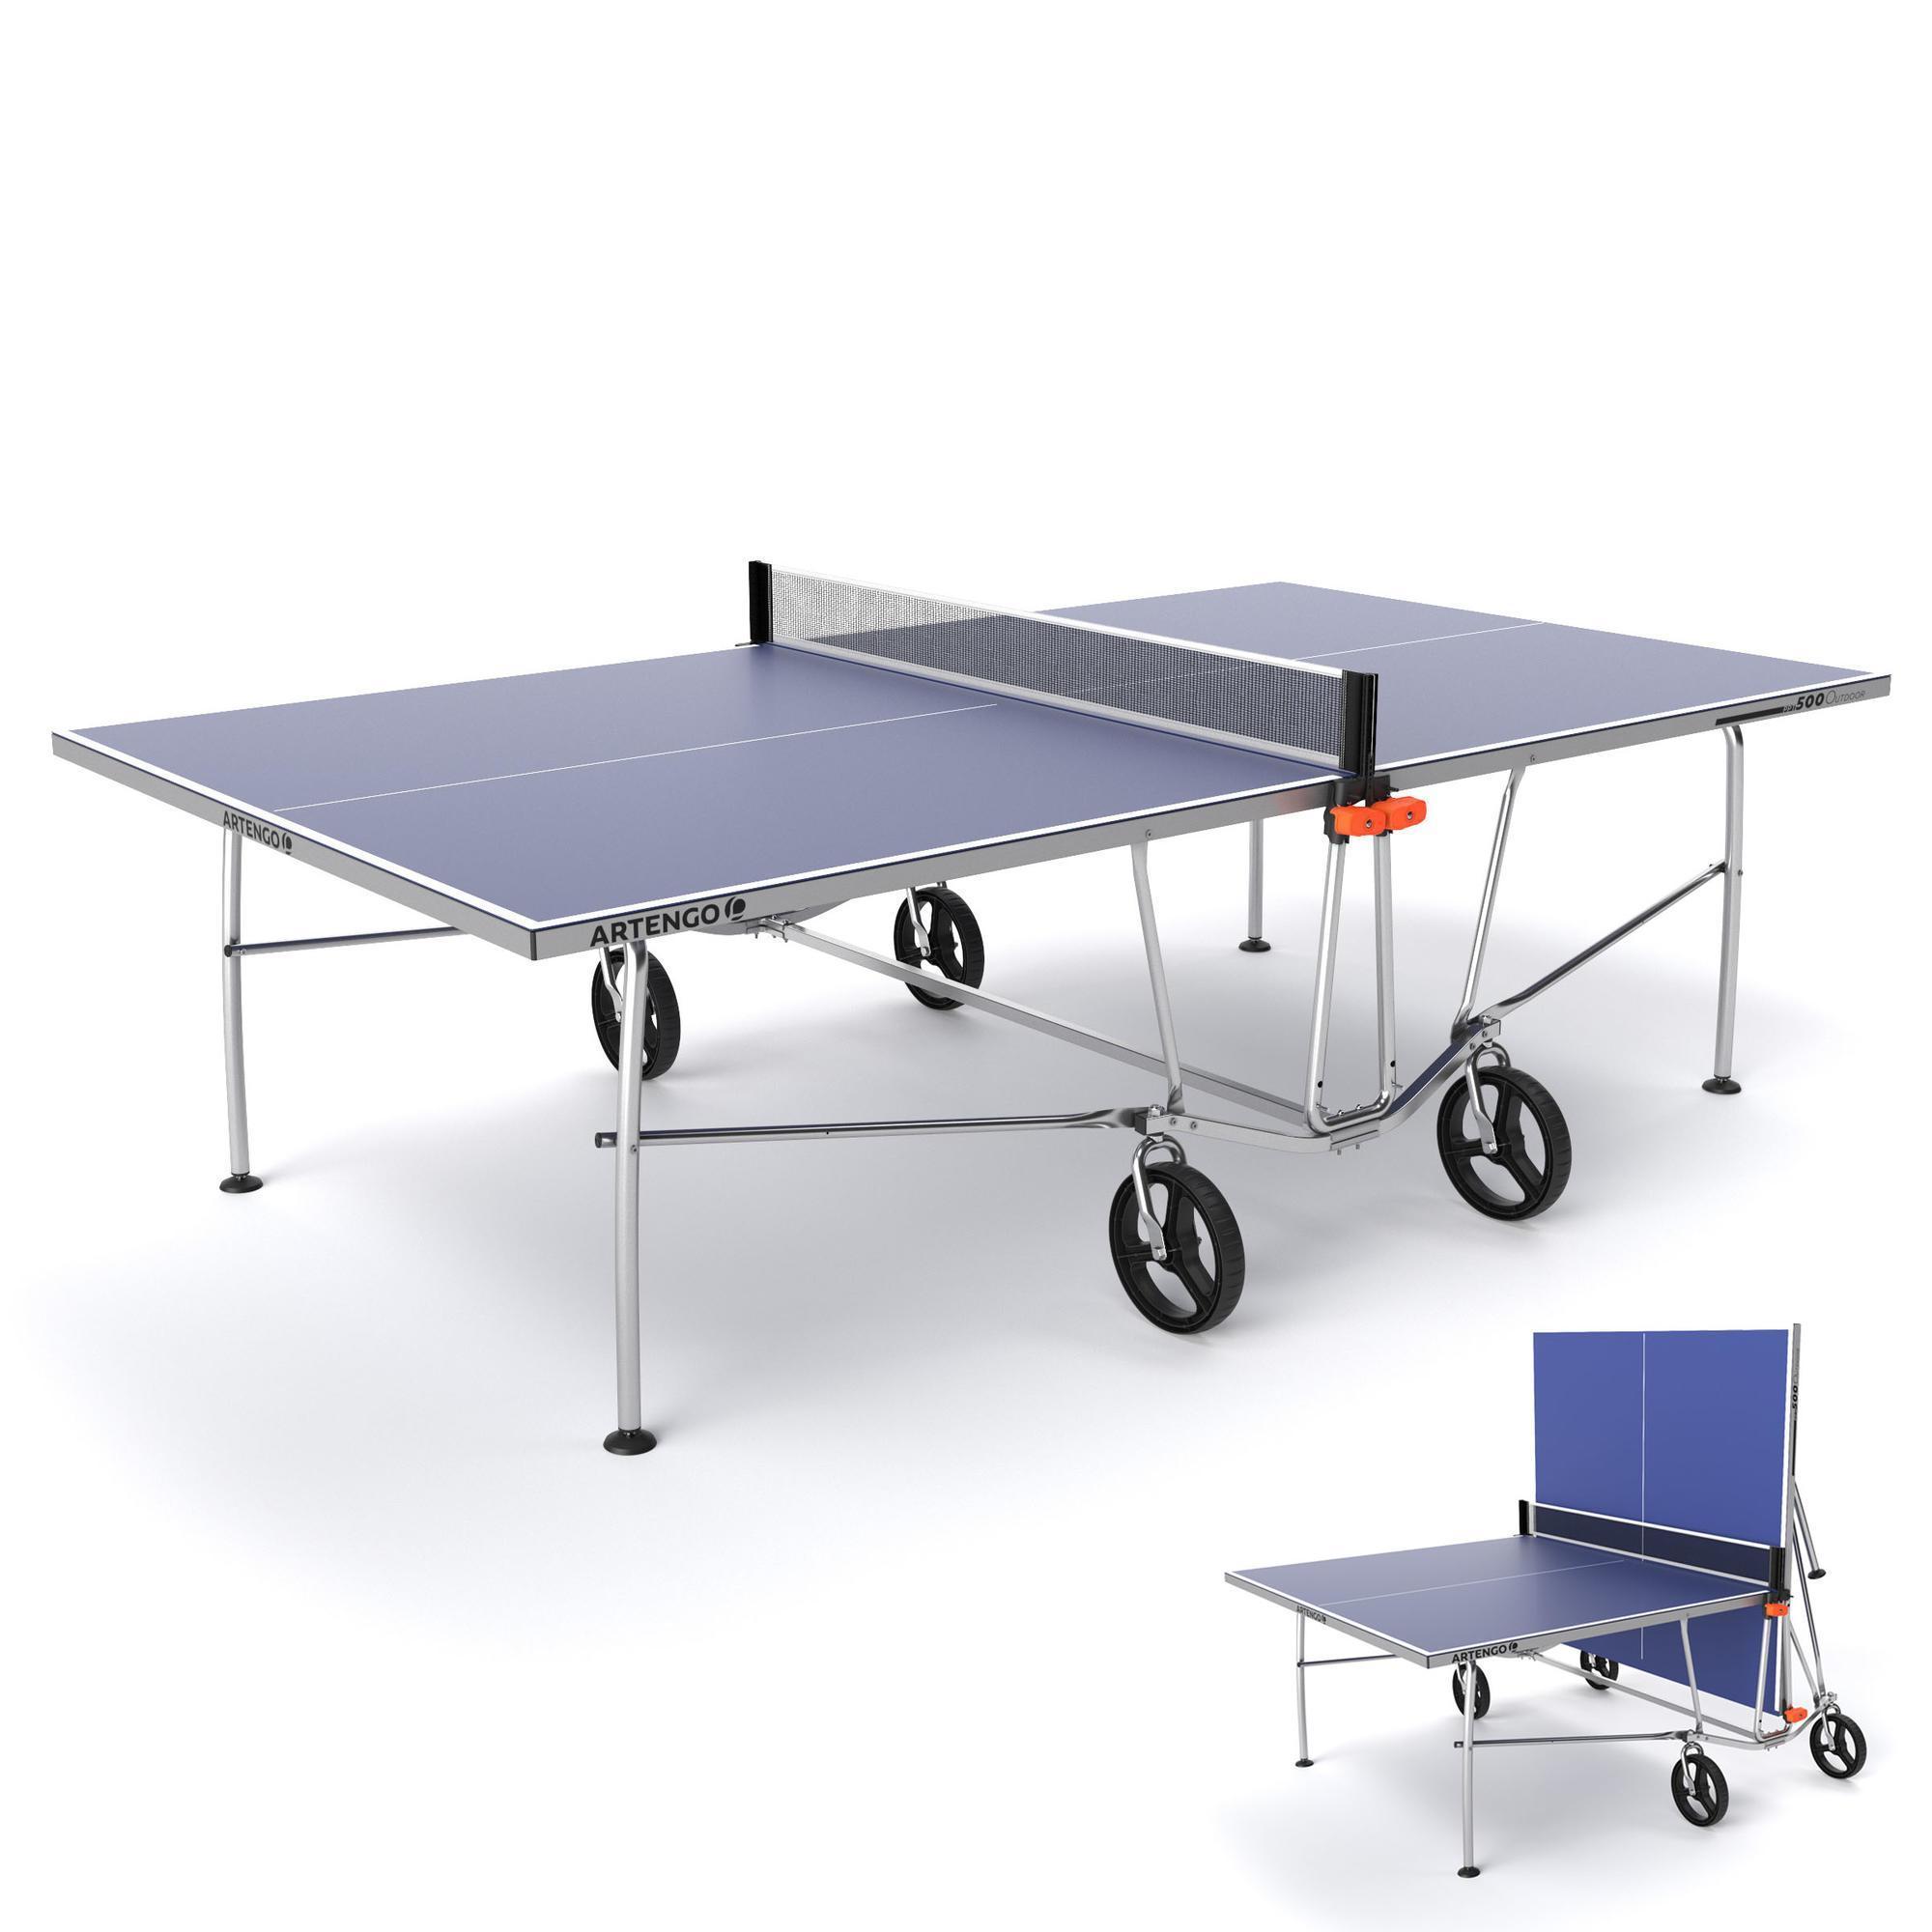 Comprar Mesas De Interior Y Exterior De Ping Pong Online Decathlon